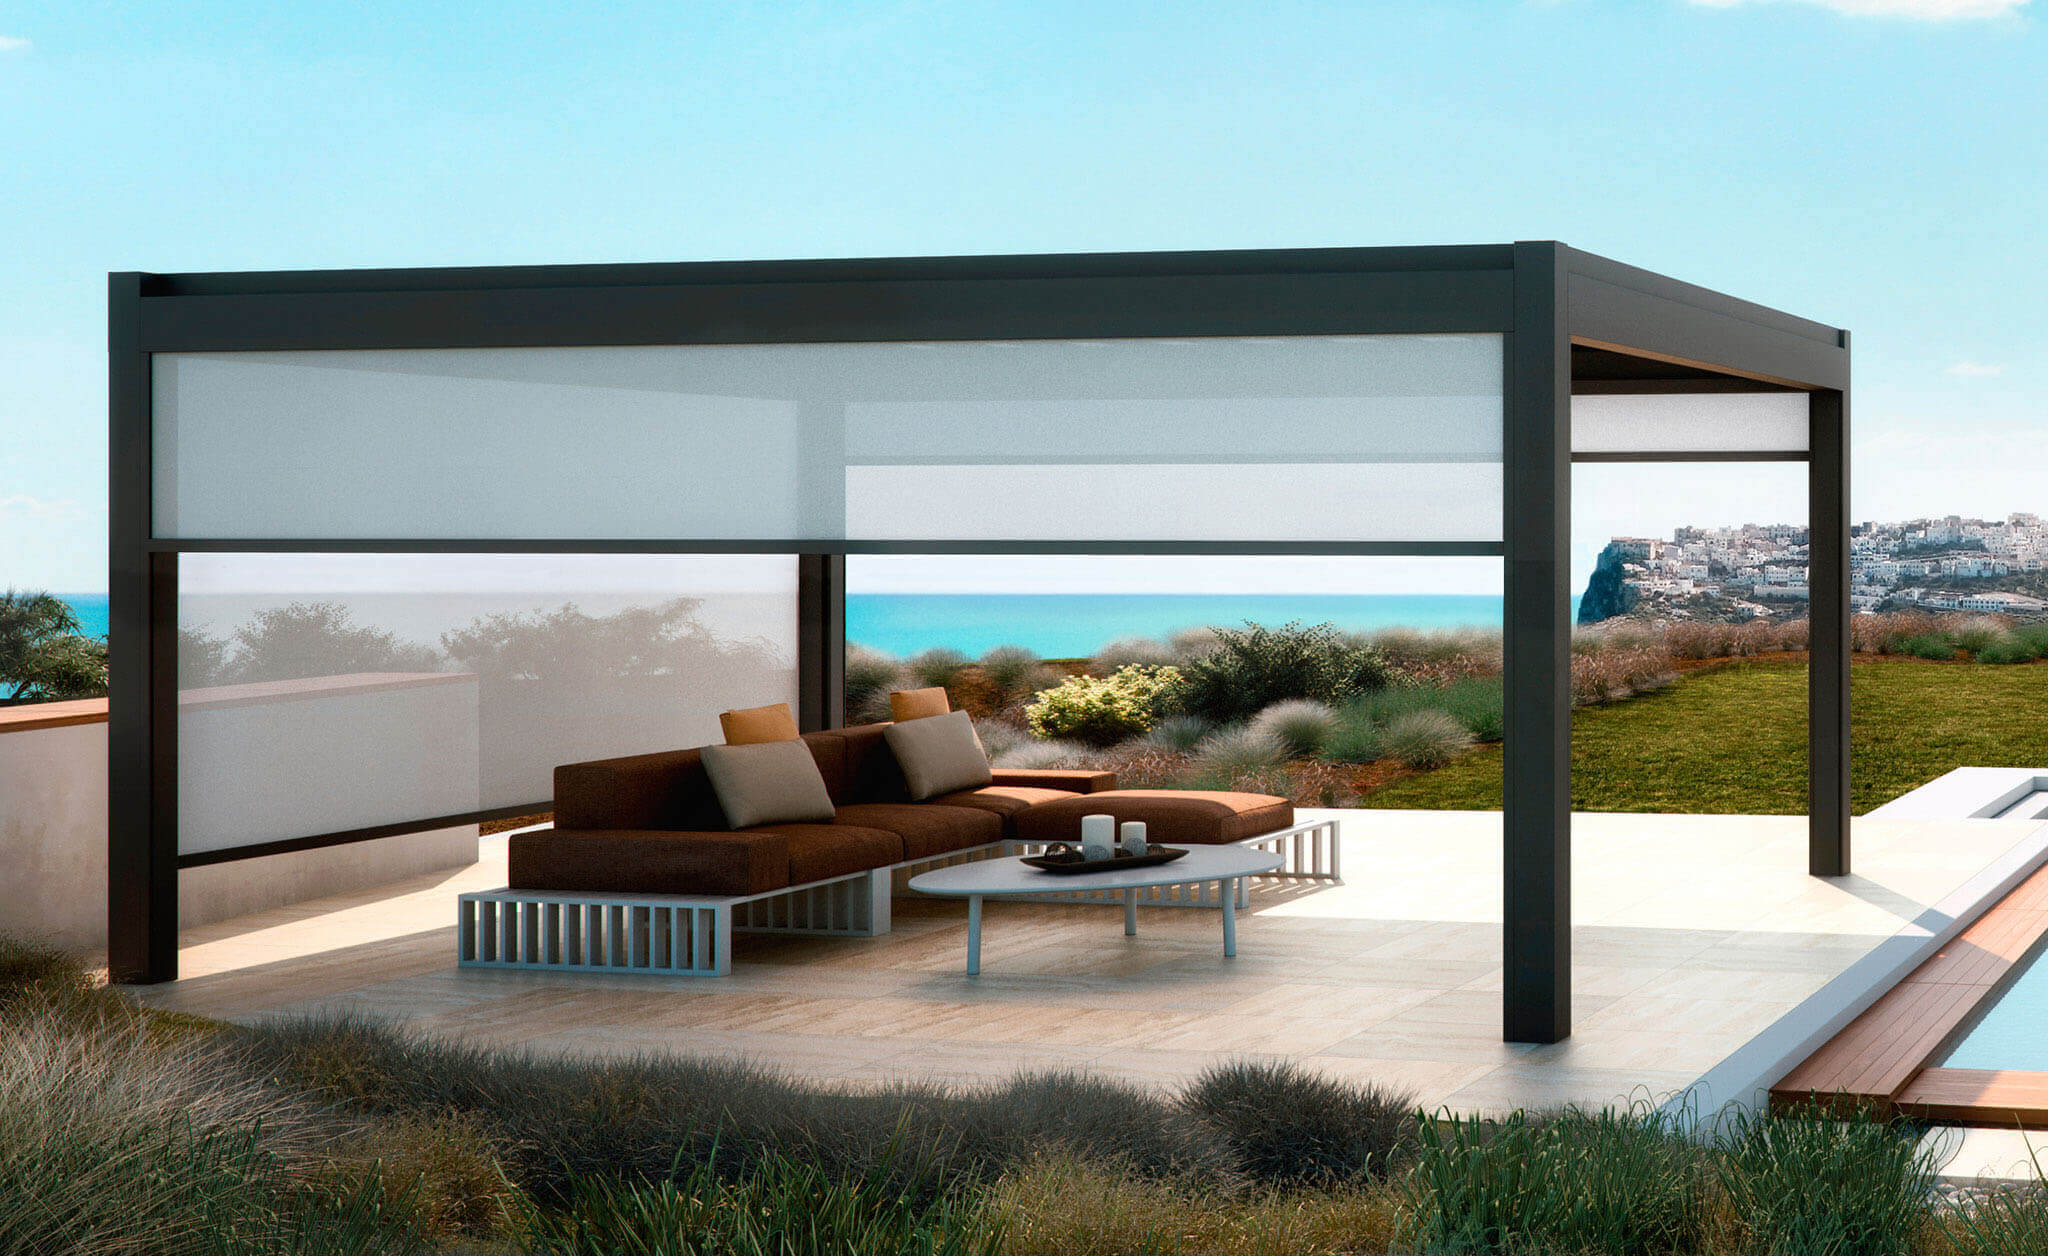 3D-Rendering einer Faltdach-Terrassenüberdachung neben Pool mit 3 Screens an den Seiten